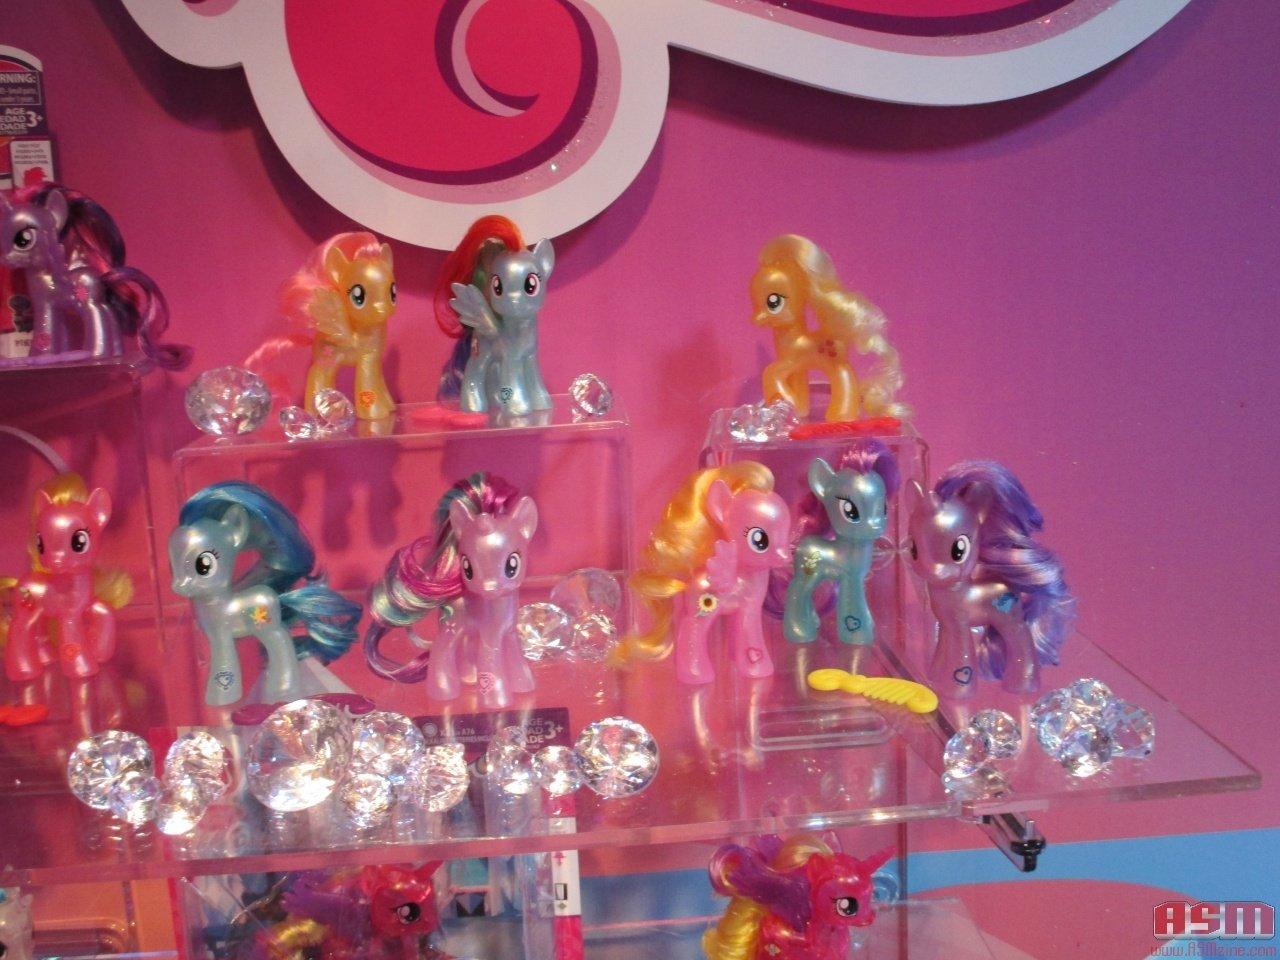 присылаете фото покажи картинки игрушек пони подборка